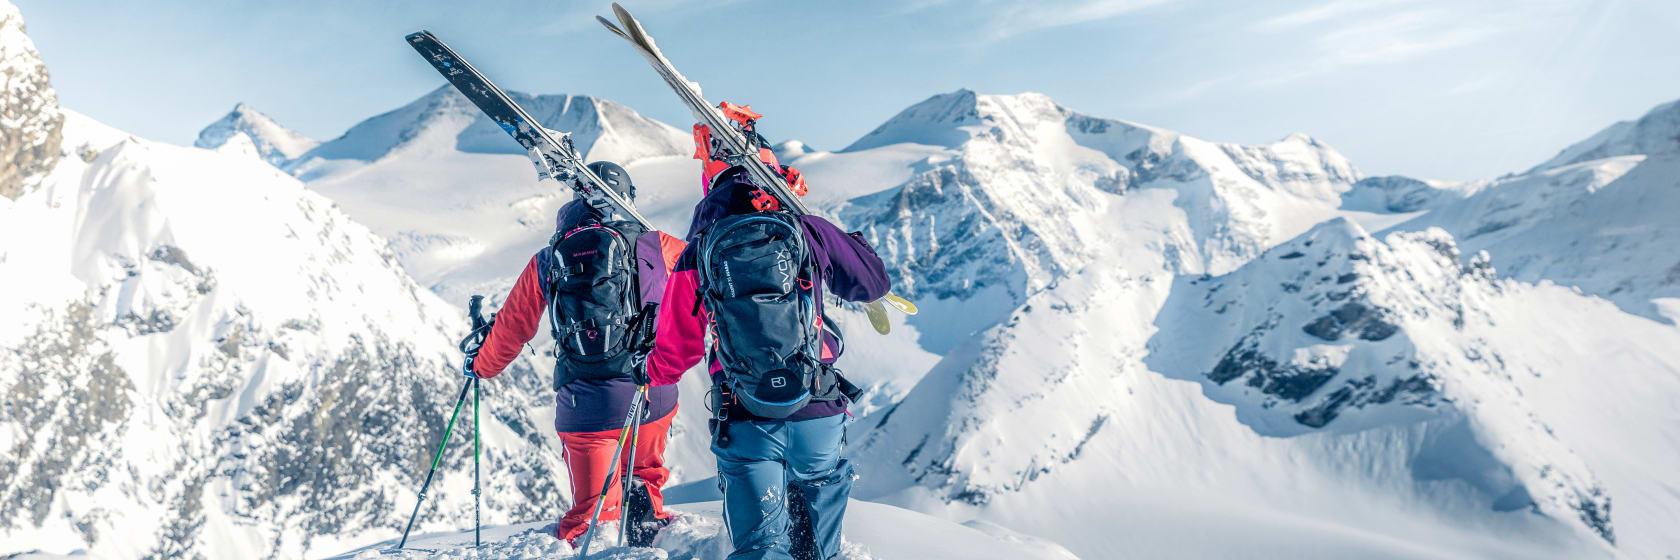 Skiløbere med ski på ryggen gående i dyb sne i bjergene